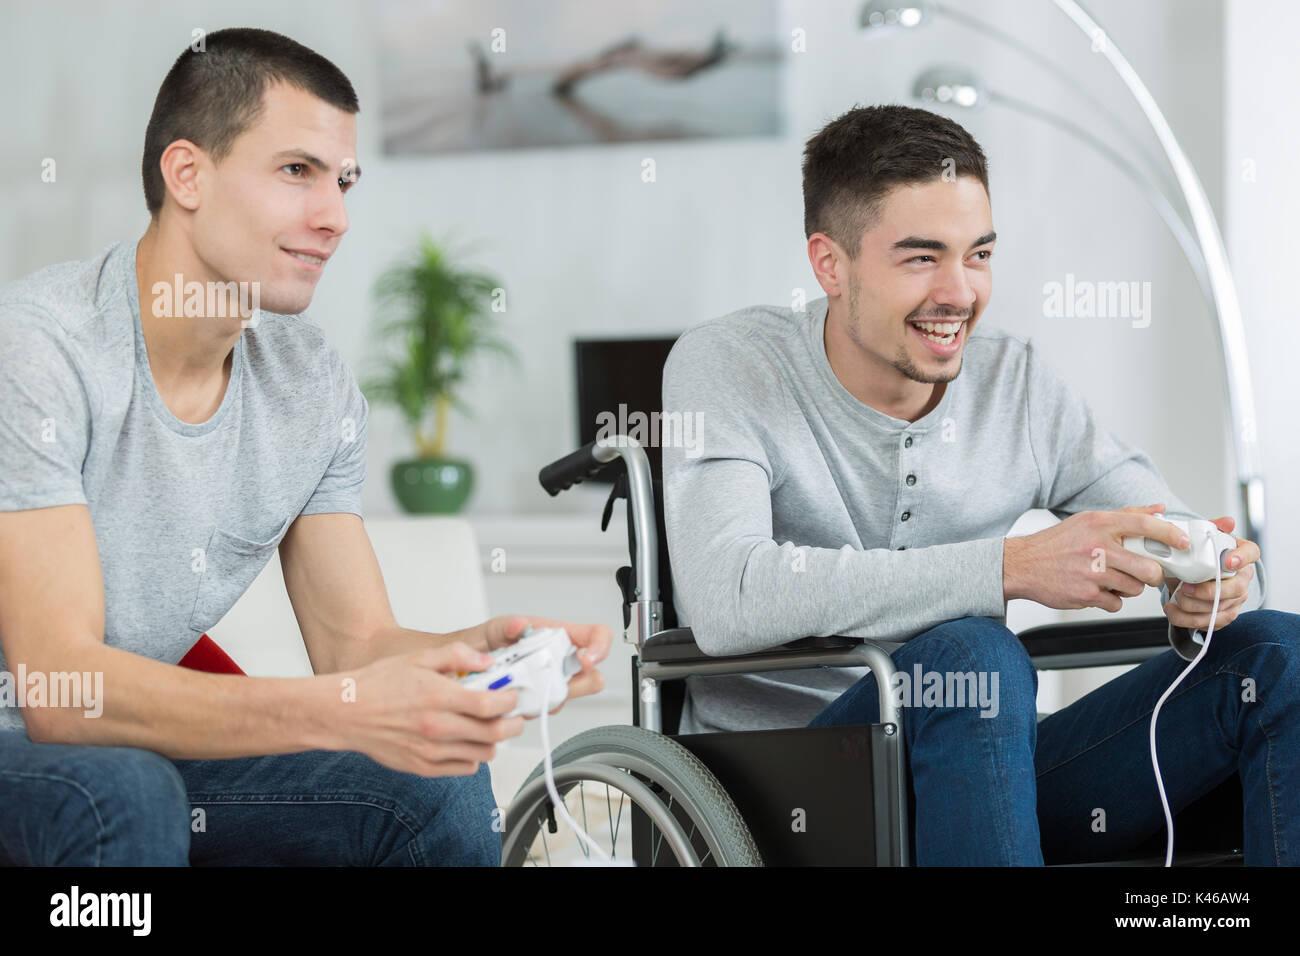 en fauteuil roulant vidéos de sexe garçon gay adolescent sexe